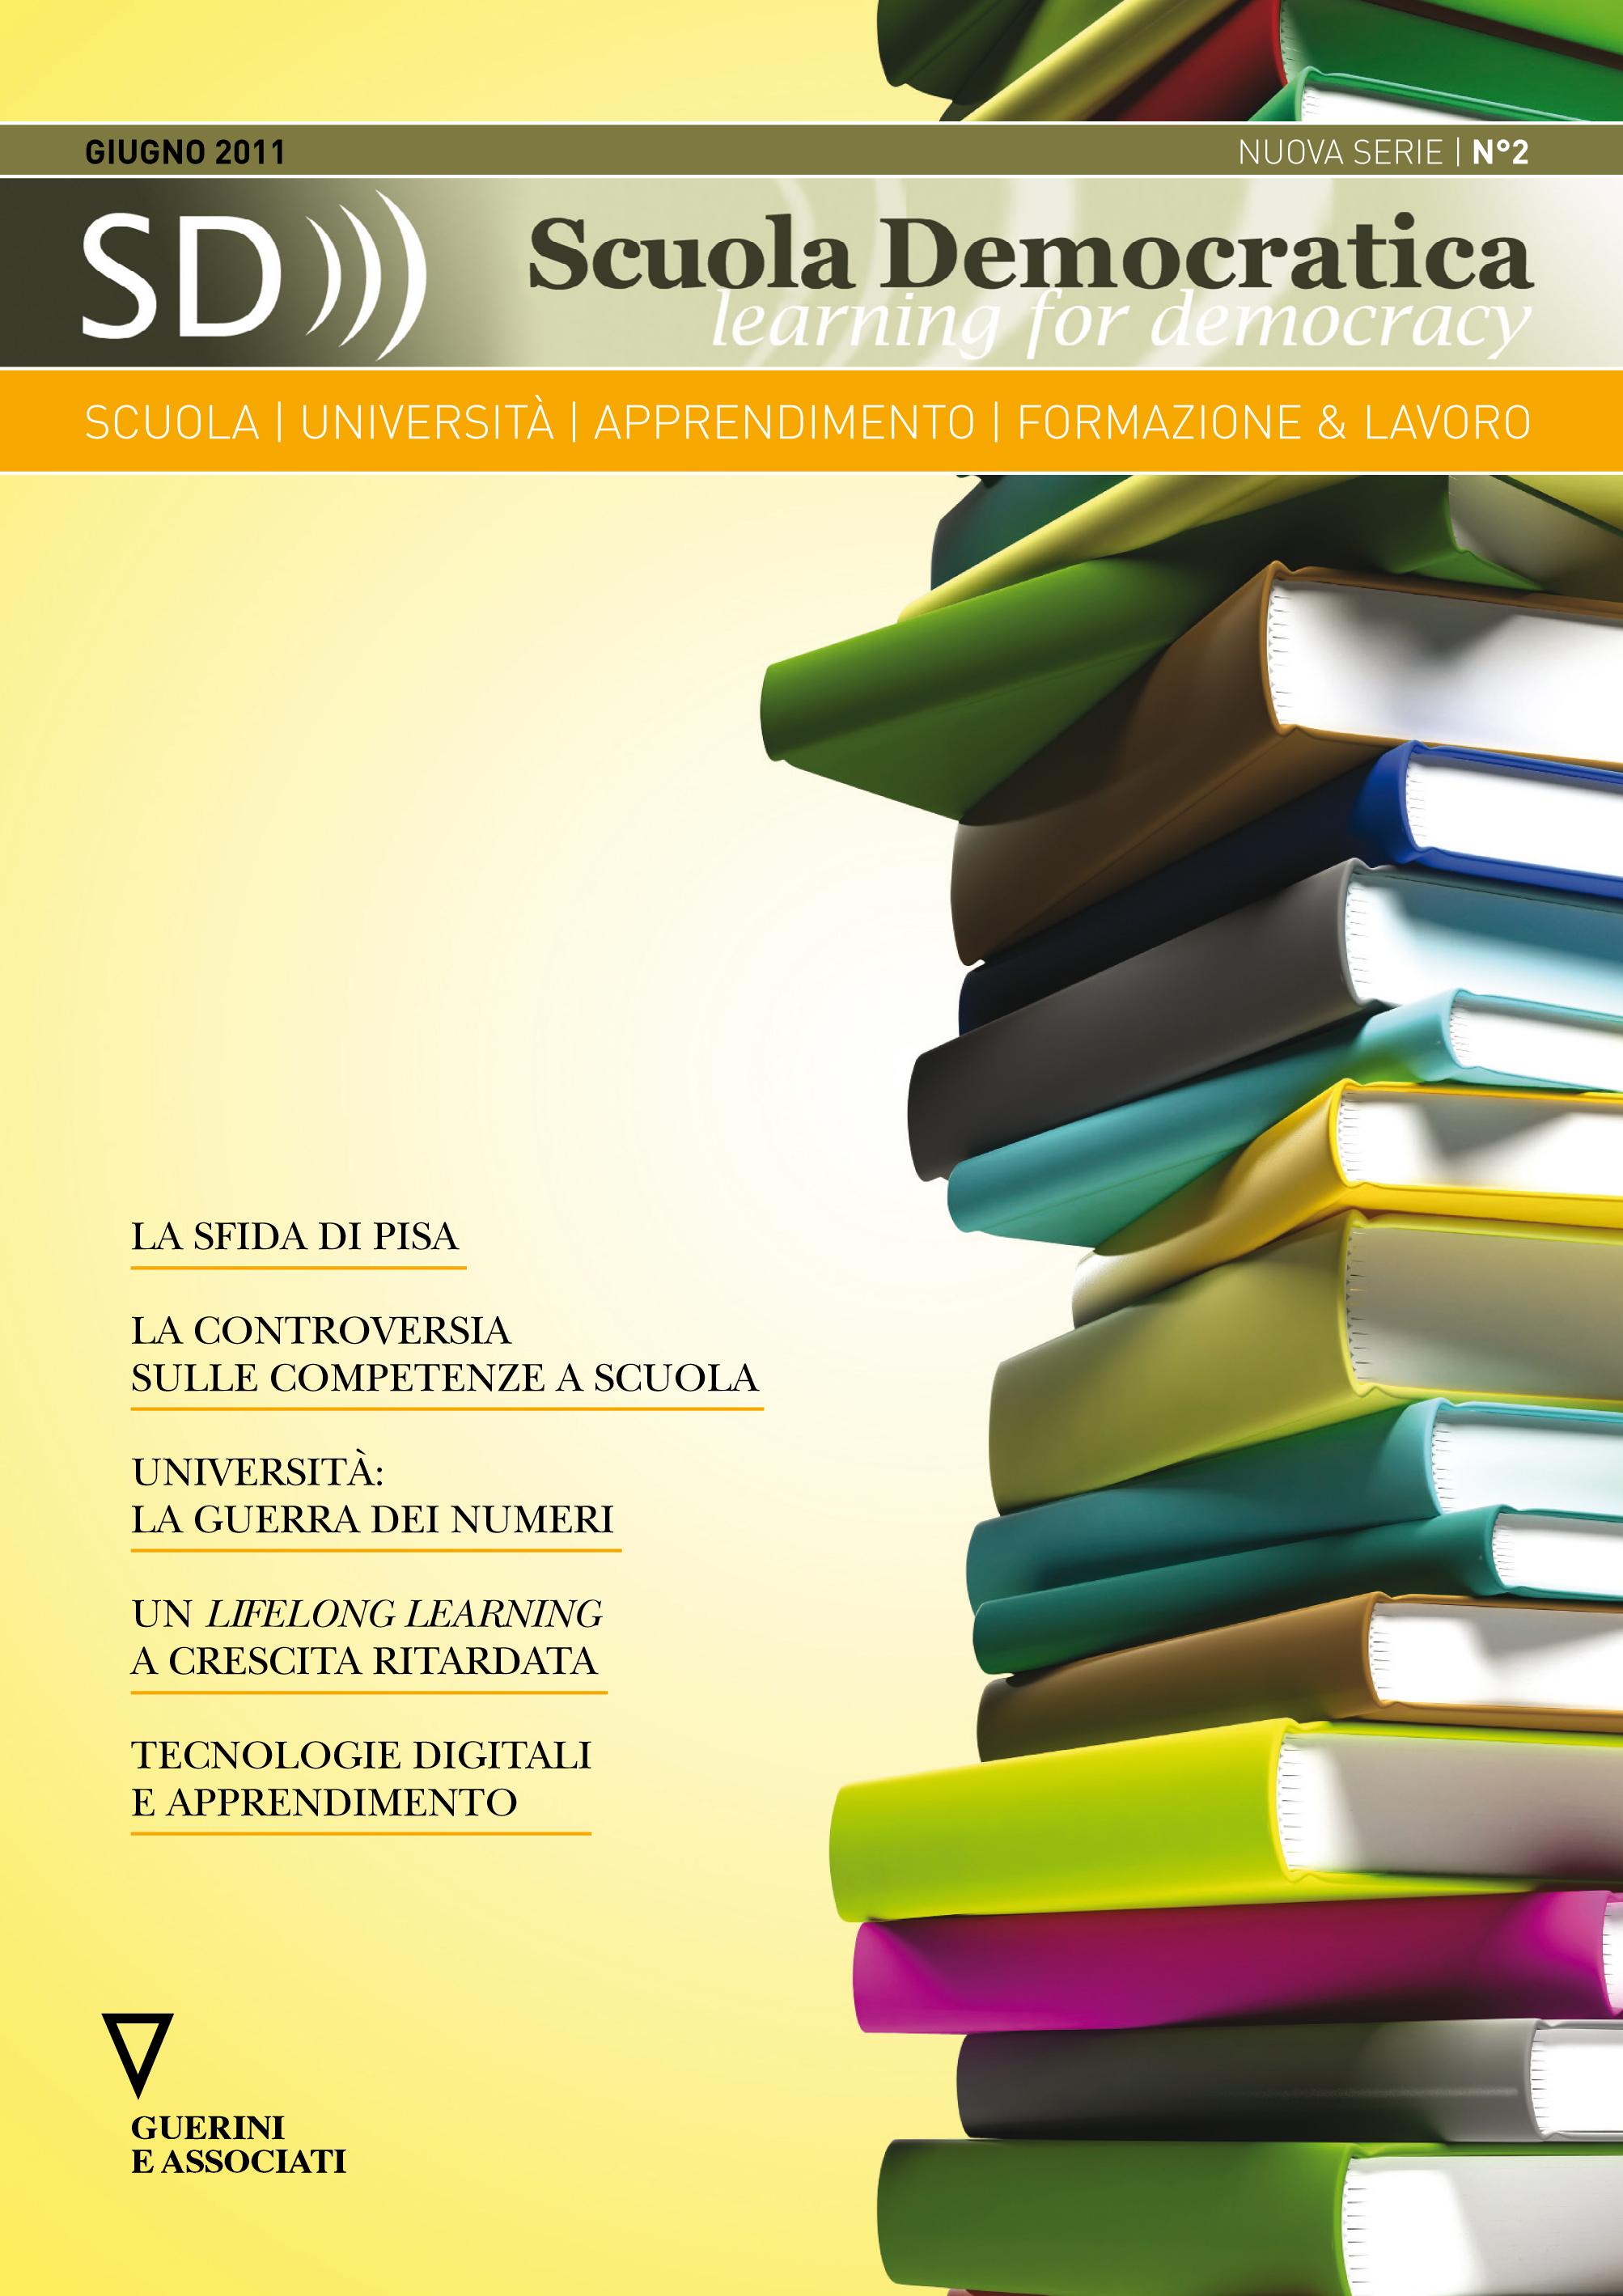 cover n2 scuola democratica nuova serie